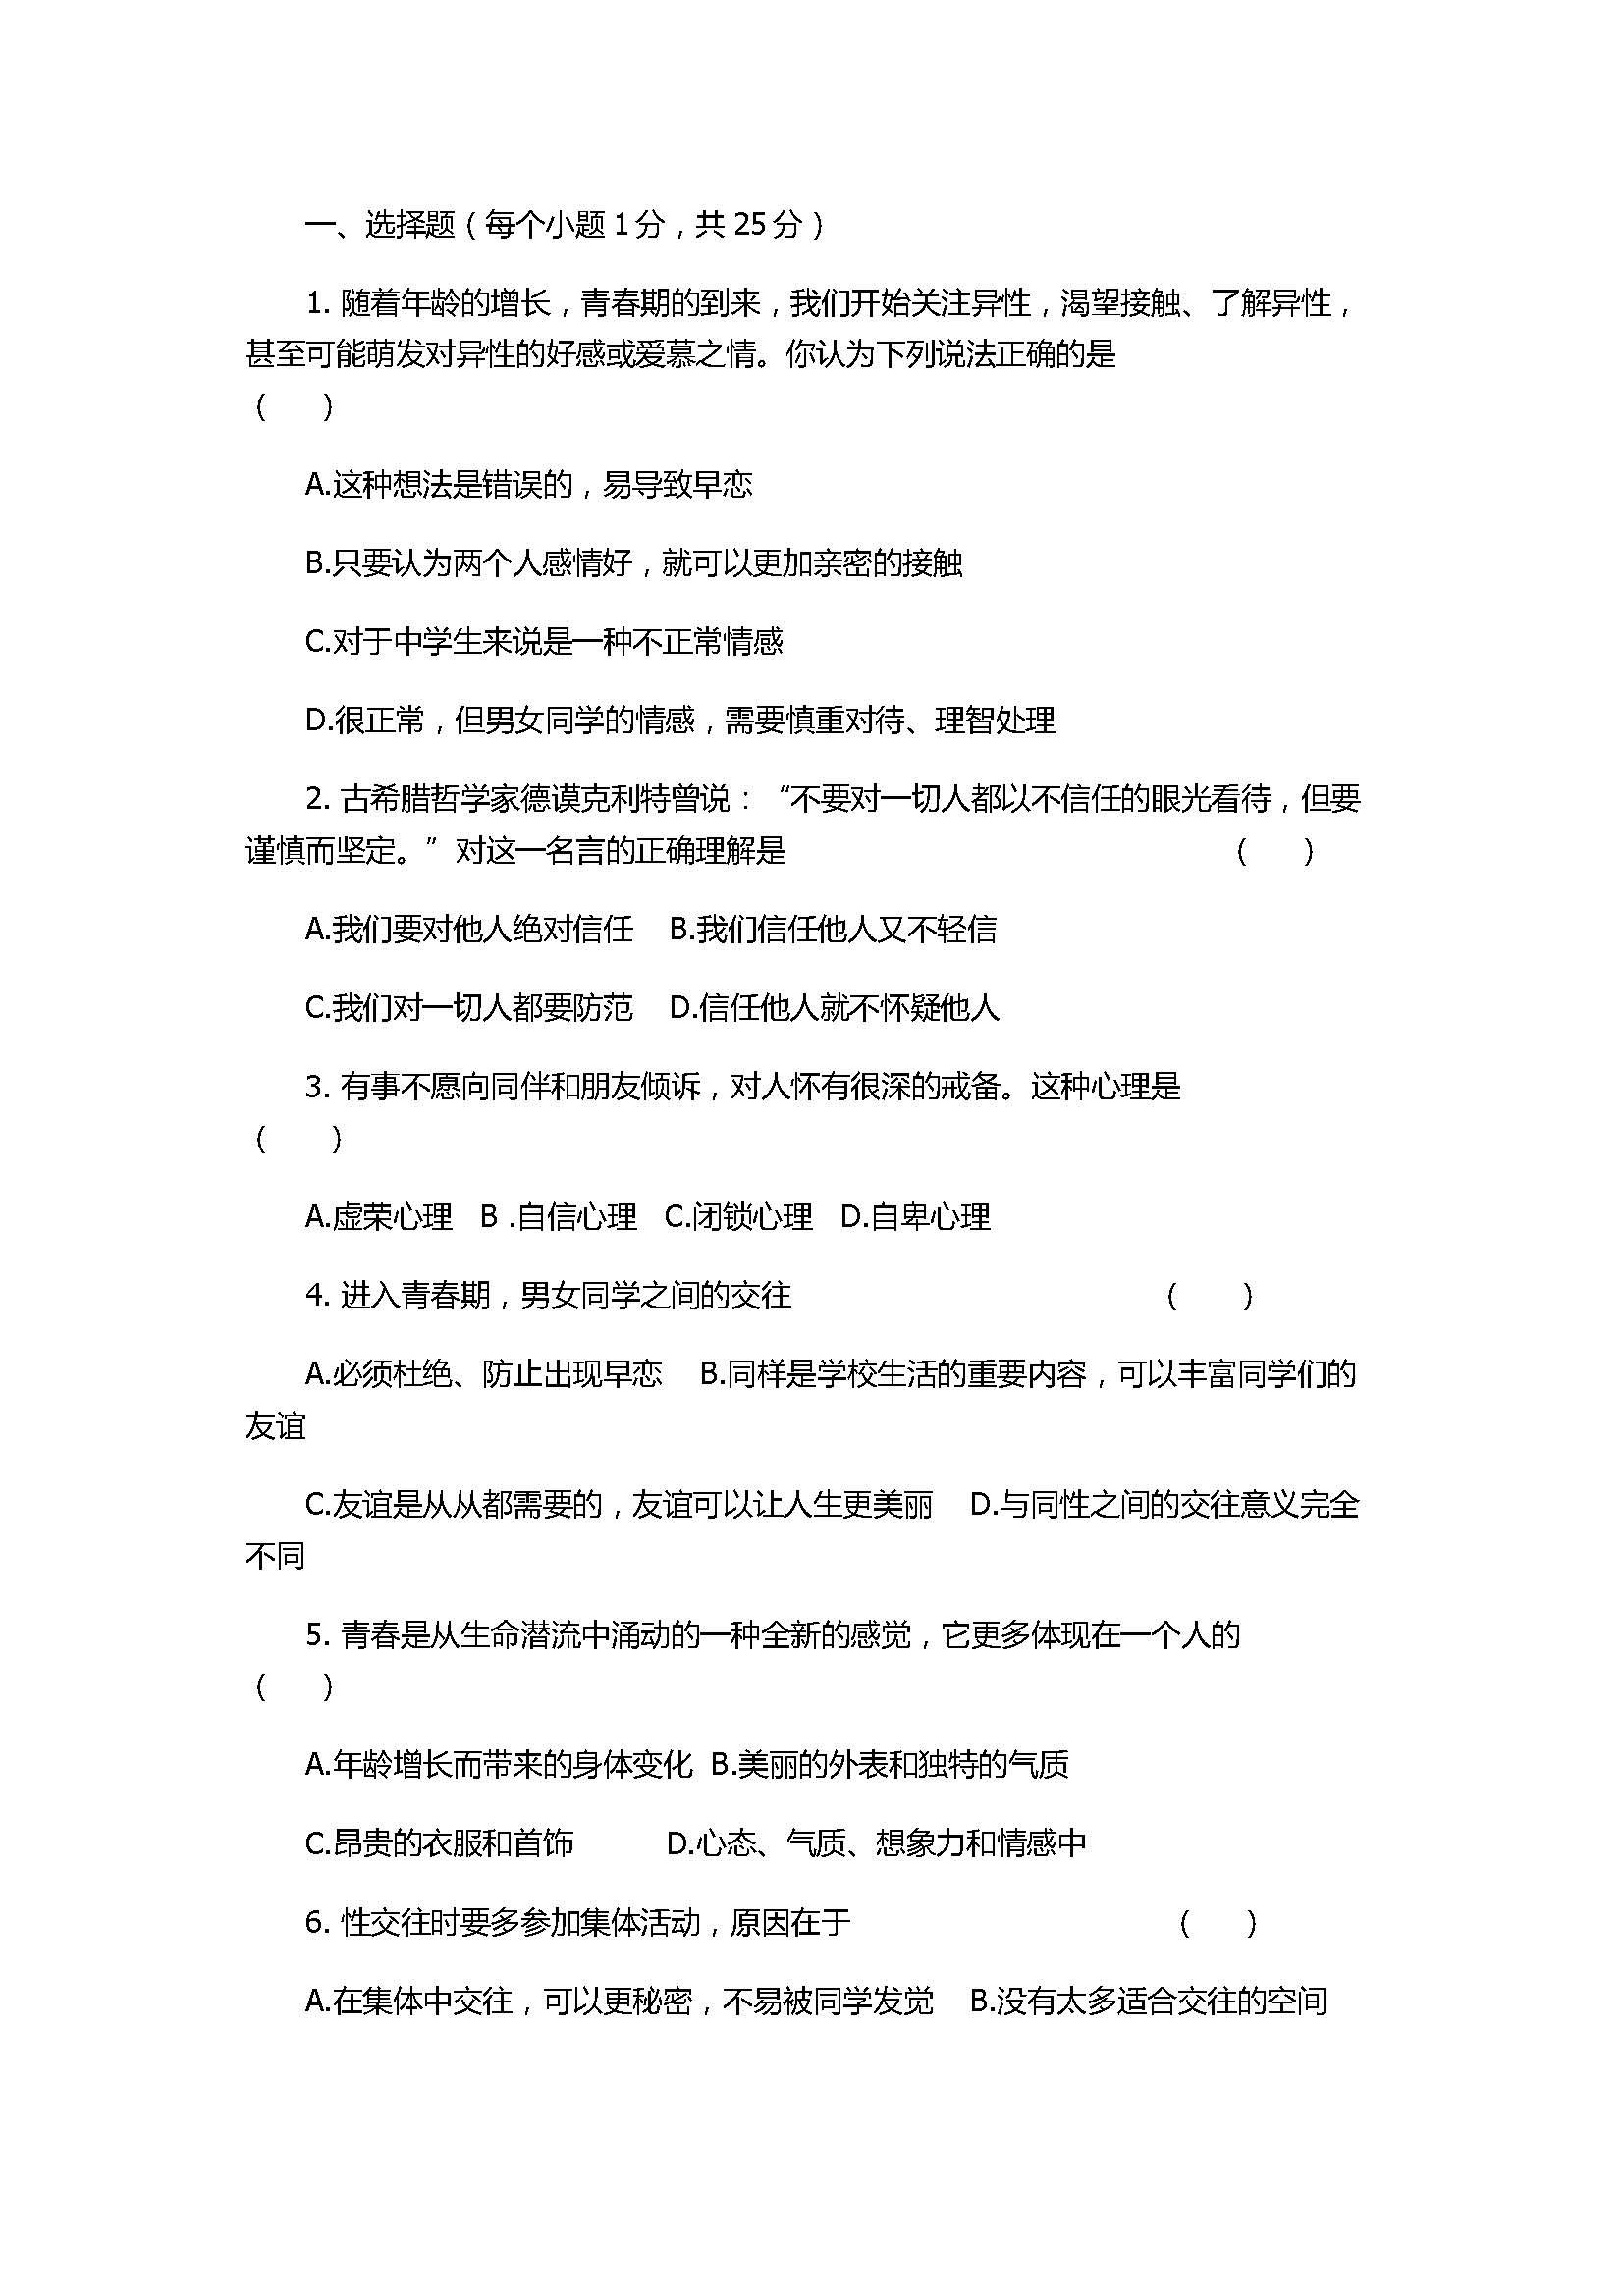 2017八年级思想品德上册月考测试题带答案(农安县)